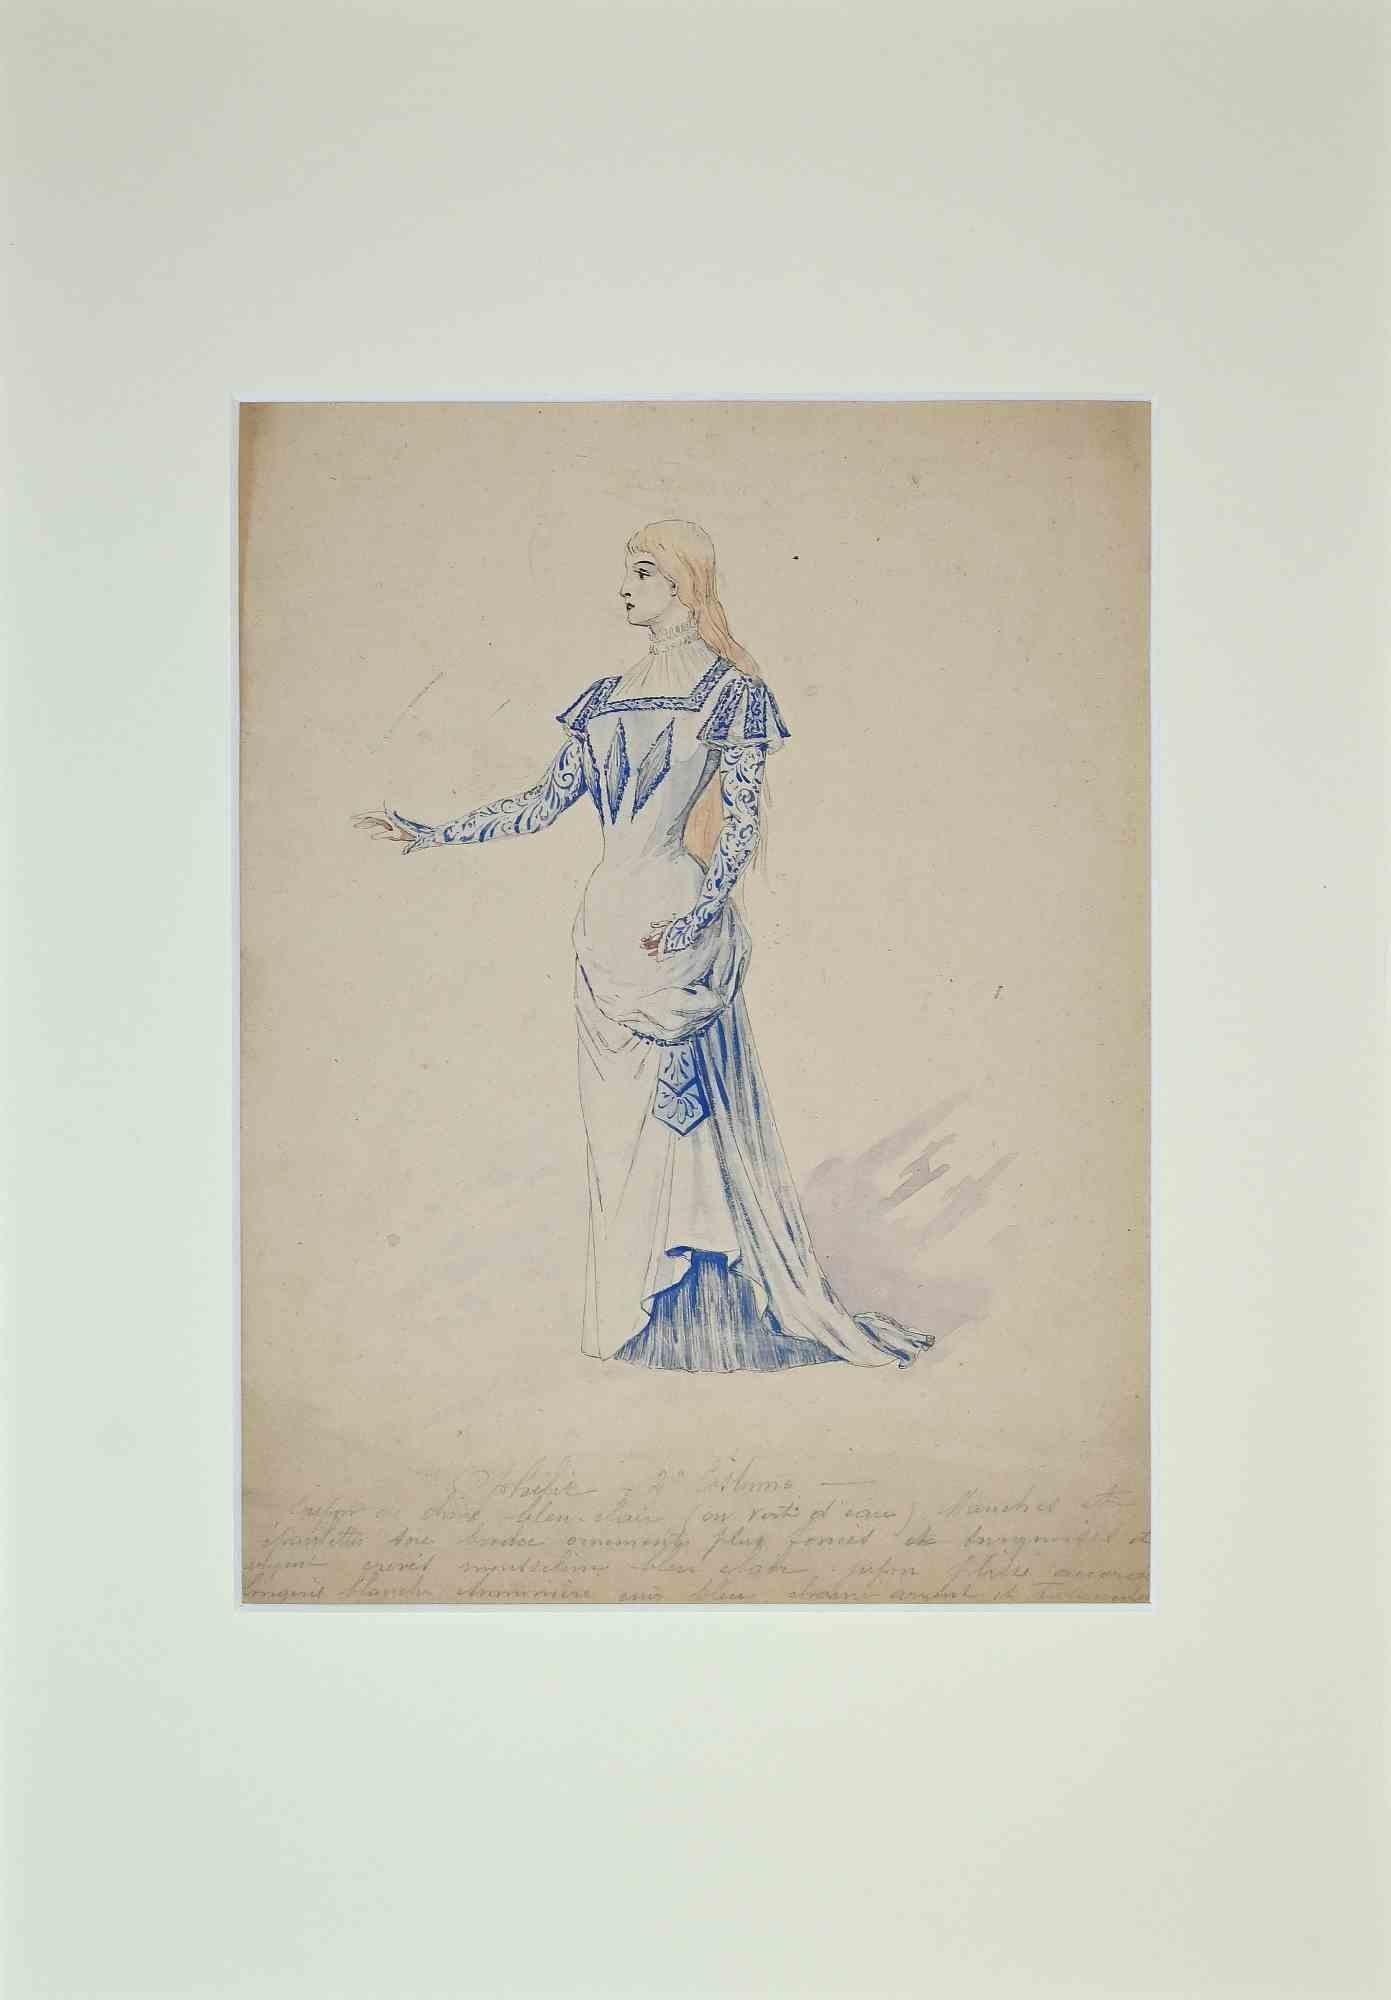 Theatrical Costume - Original Watercolor by Alfredo Edel - 1895